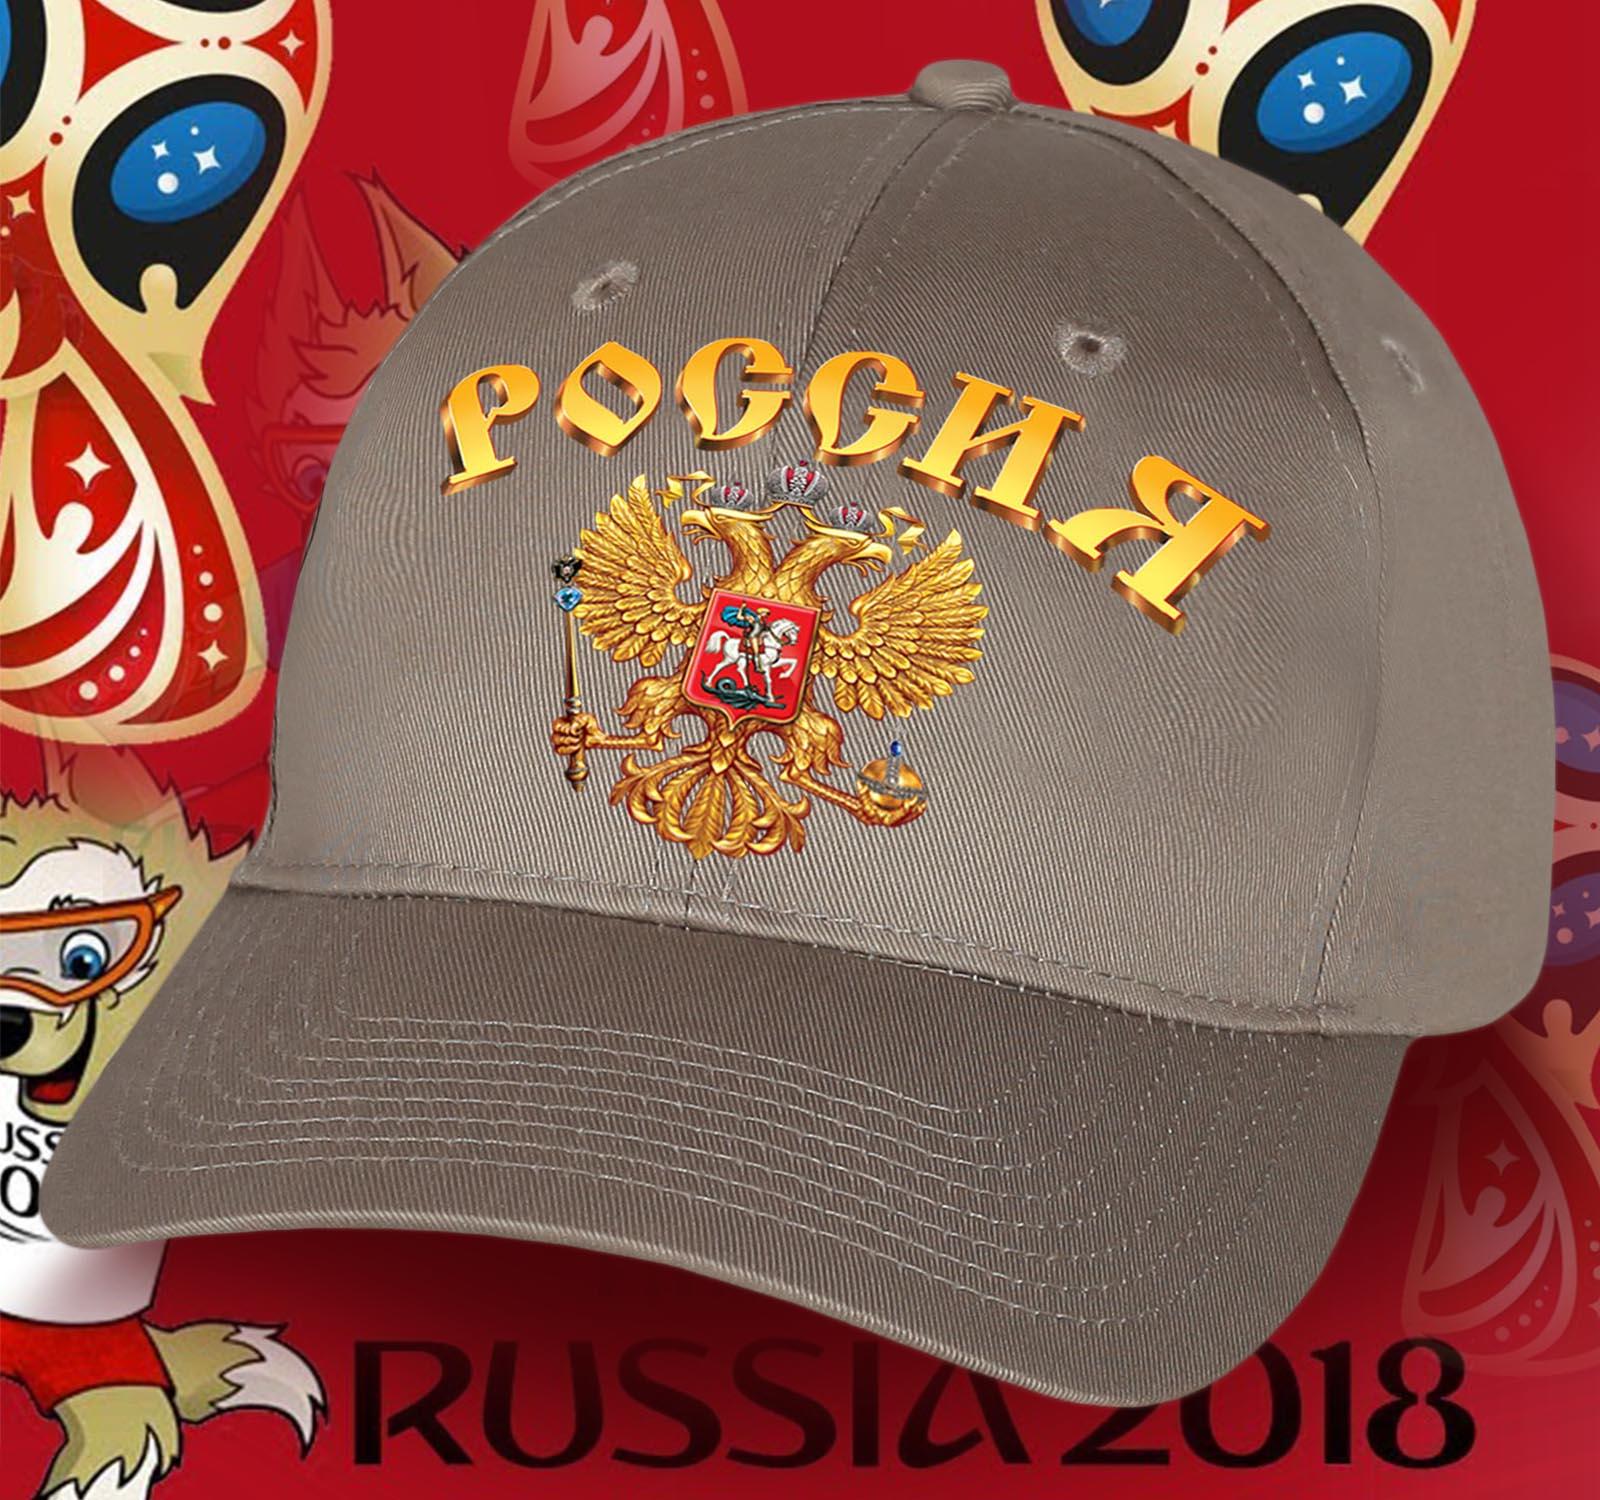 В наличии в Москве крутые бейсболки футбольных фанатов России – все цвета и варианты дизайна